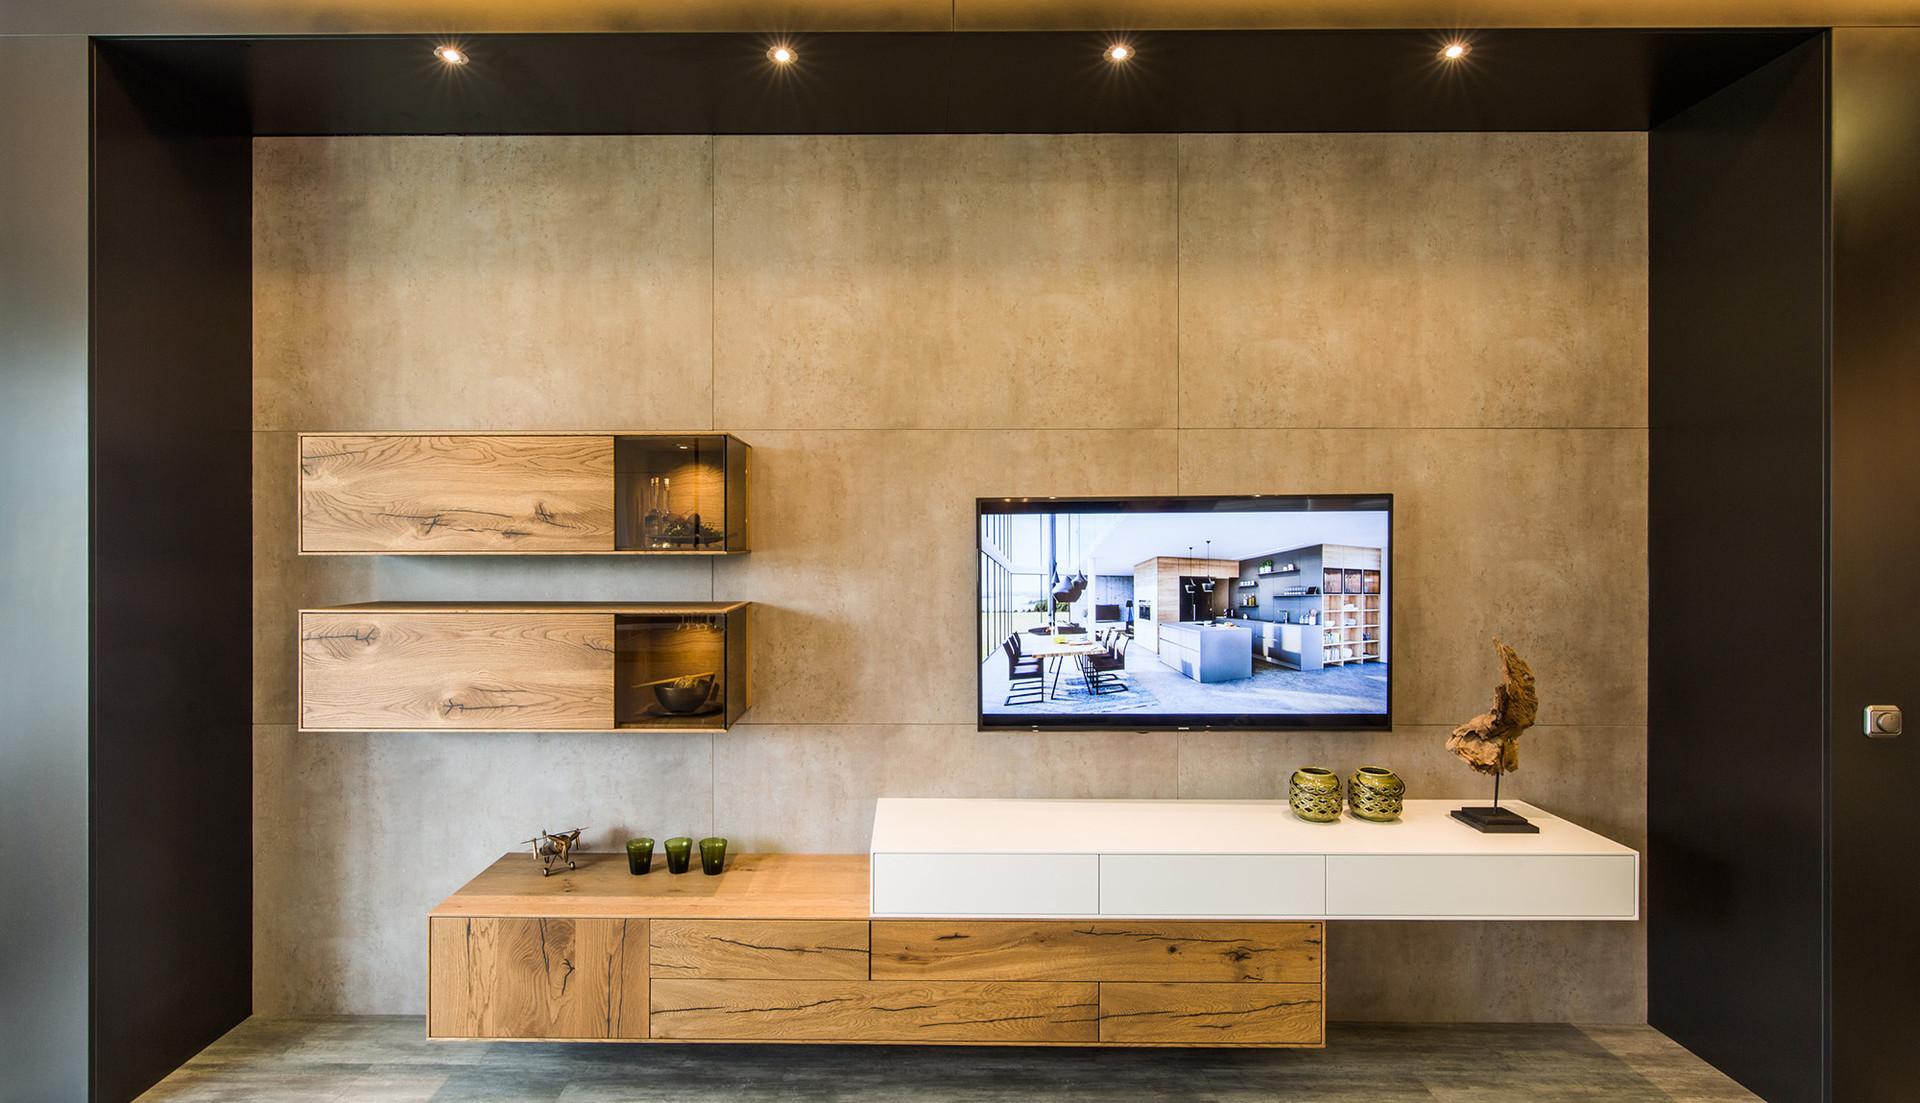 wohnzimmer planen und einrichten mit n bauer marchtrenk. Black Bedroom Furniture Sets. Home Design Ideas